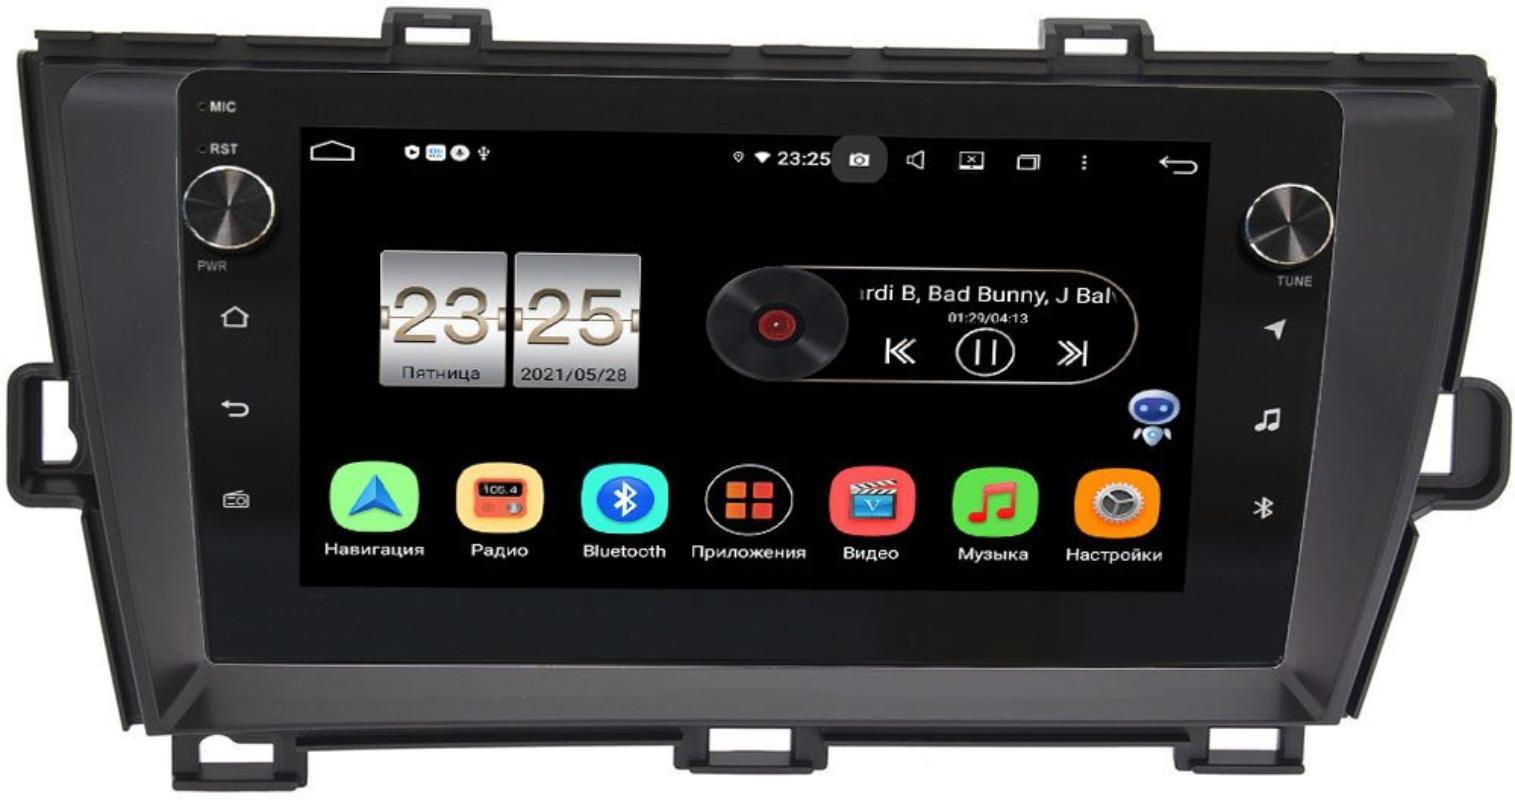 Штатная магнитола LeTrun BPX609-195 для Toyota Prius III (XW30) 2009-2015 (правый руль) на Android 10 (4/64, DSP, IPS, с голосовым ассистентом, с крутилками) (+ Камера заднего вида в подарок!)